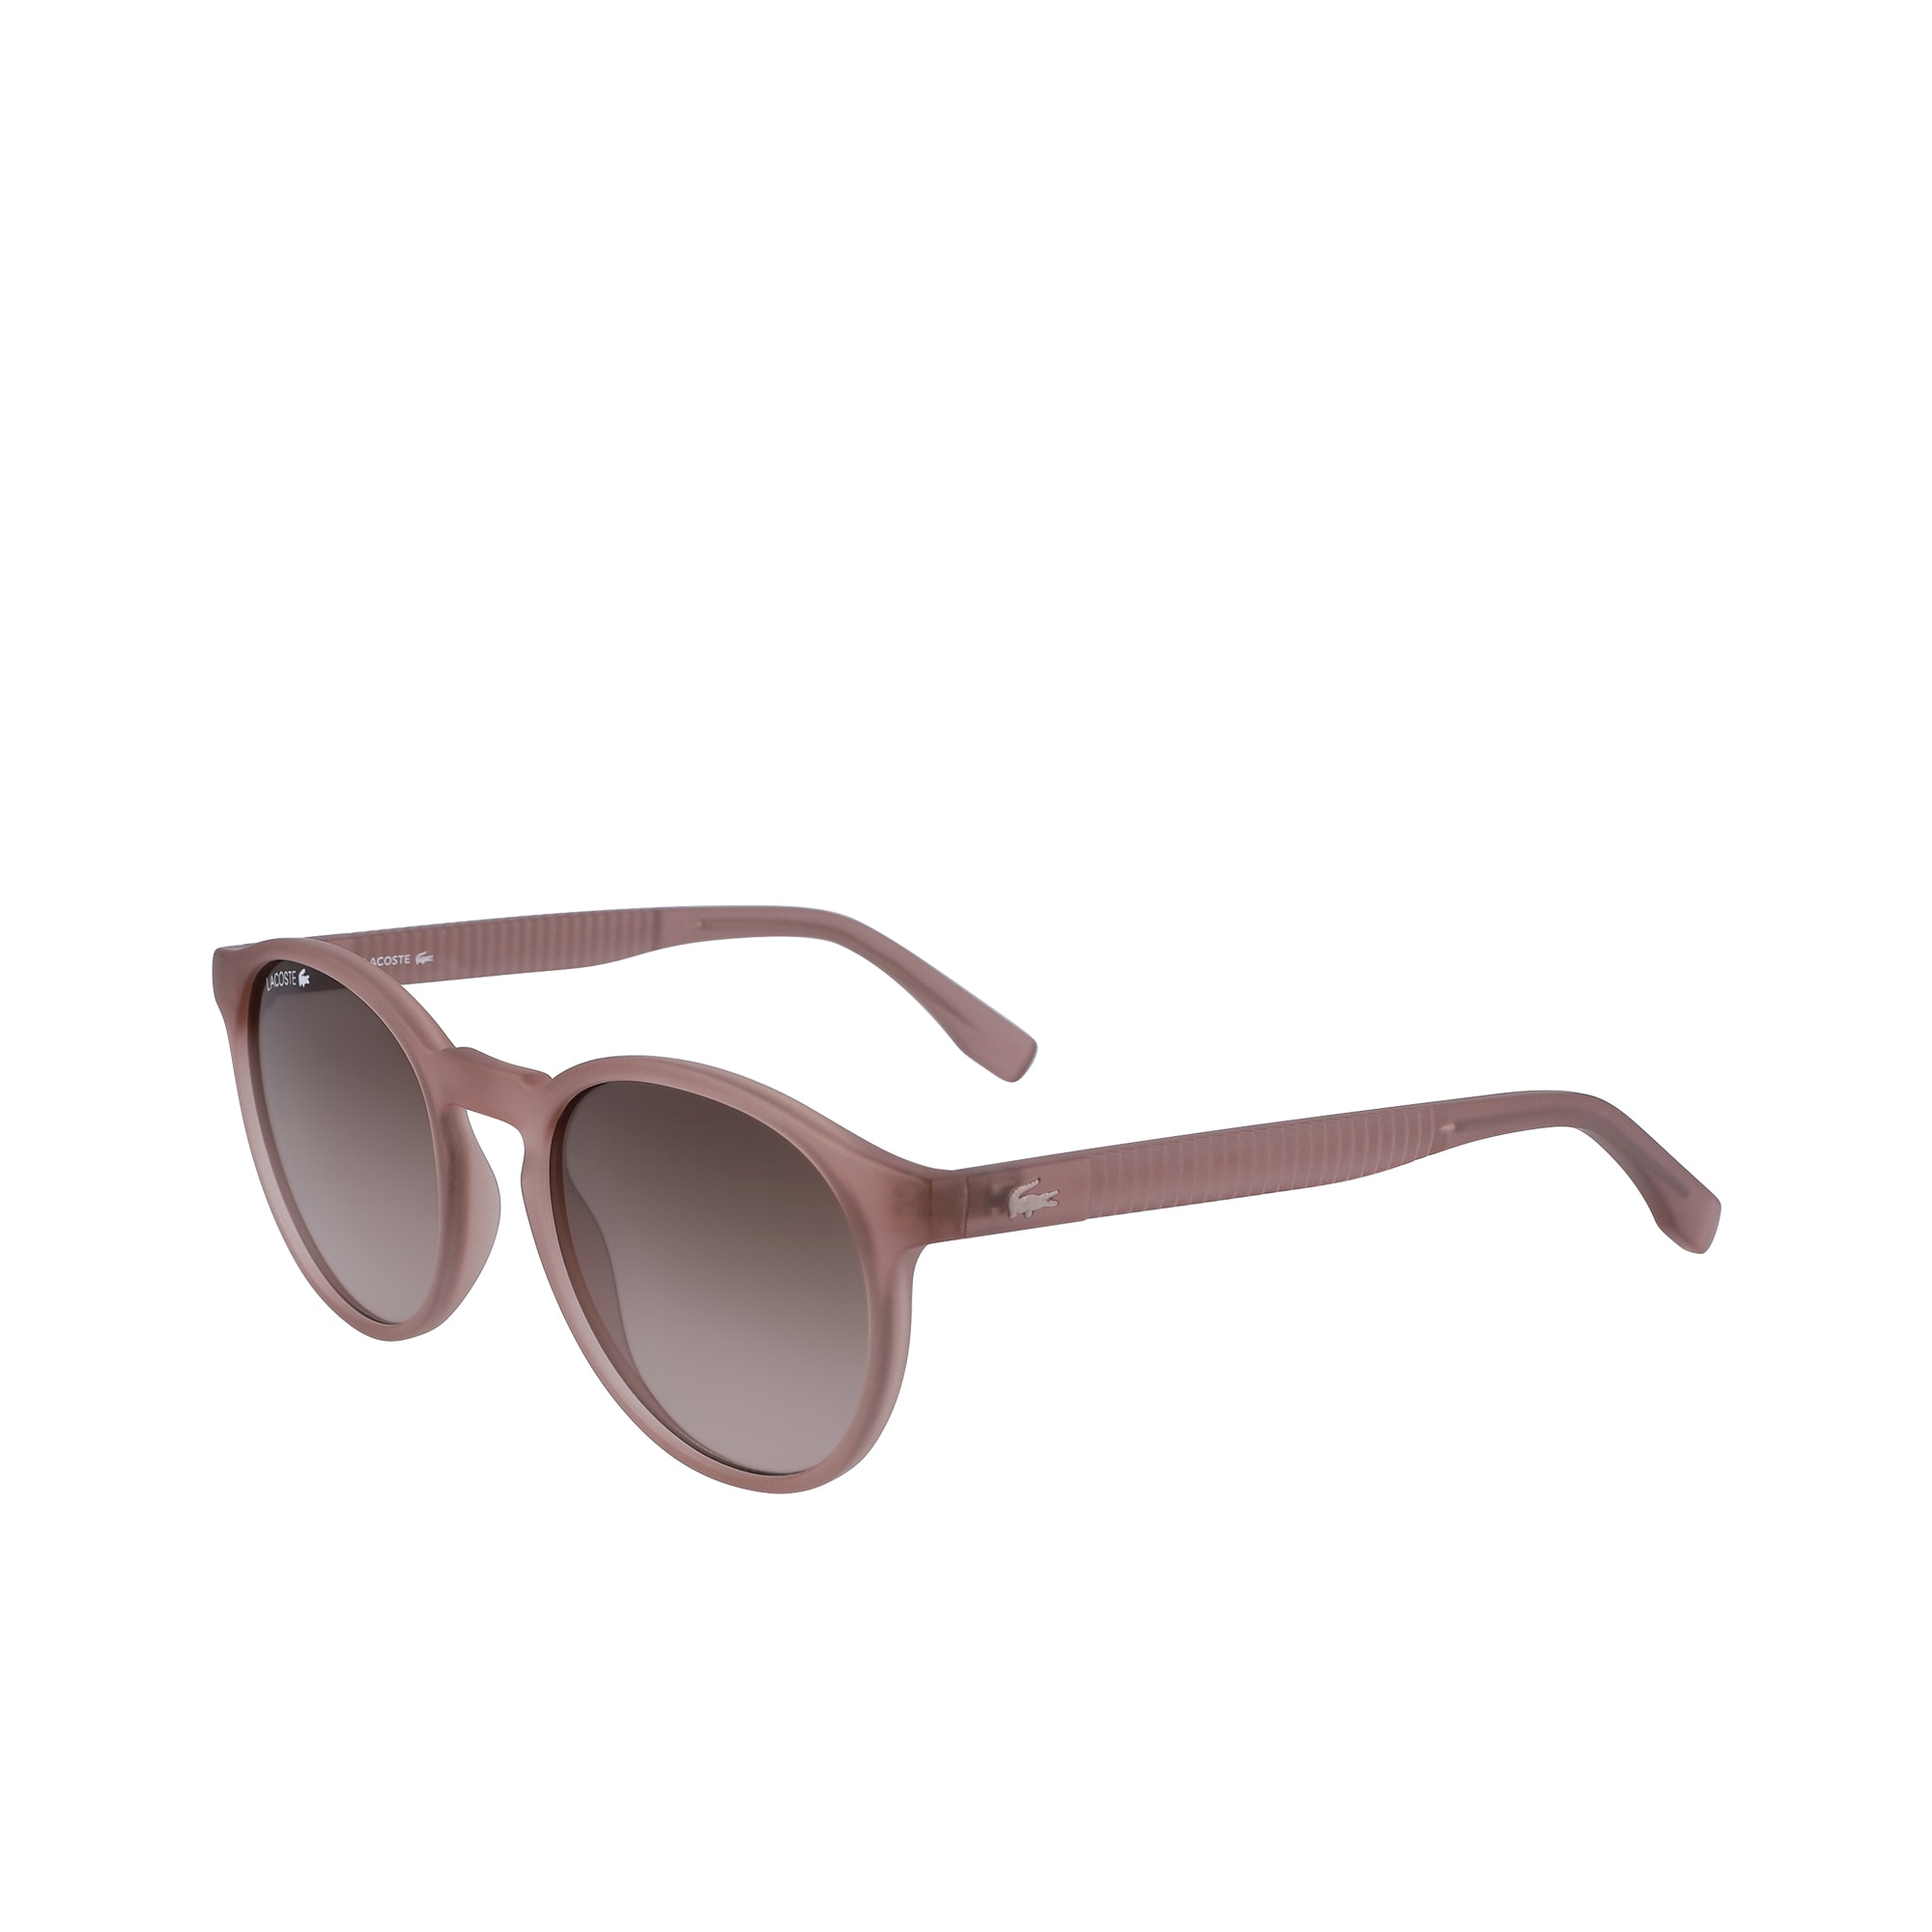 4c02012cd15 Sunglasses for women